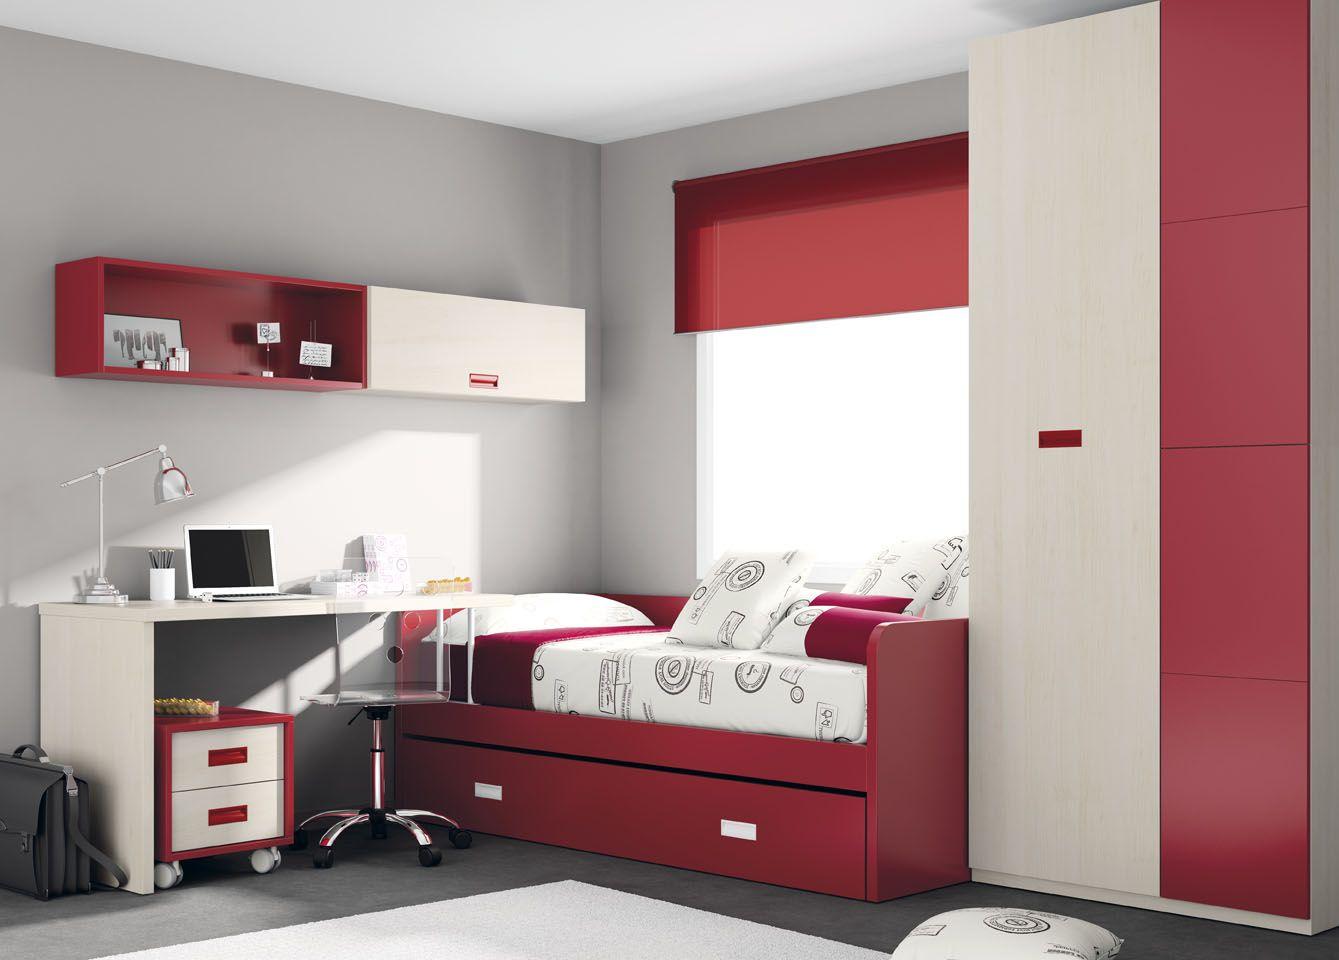 Habitaci n infantil del cat logo de mueble juvenil kids up2 de muebles ros proyectos que - Muebles habitacion infantil ...